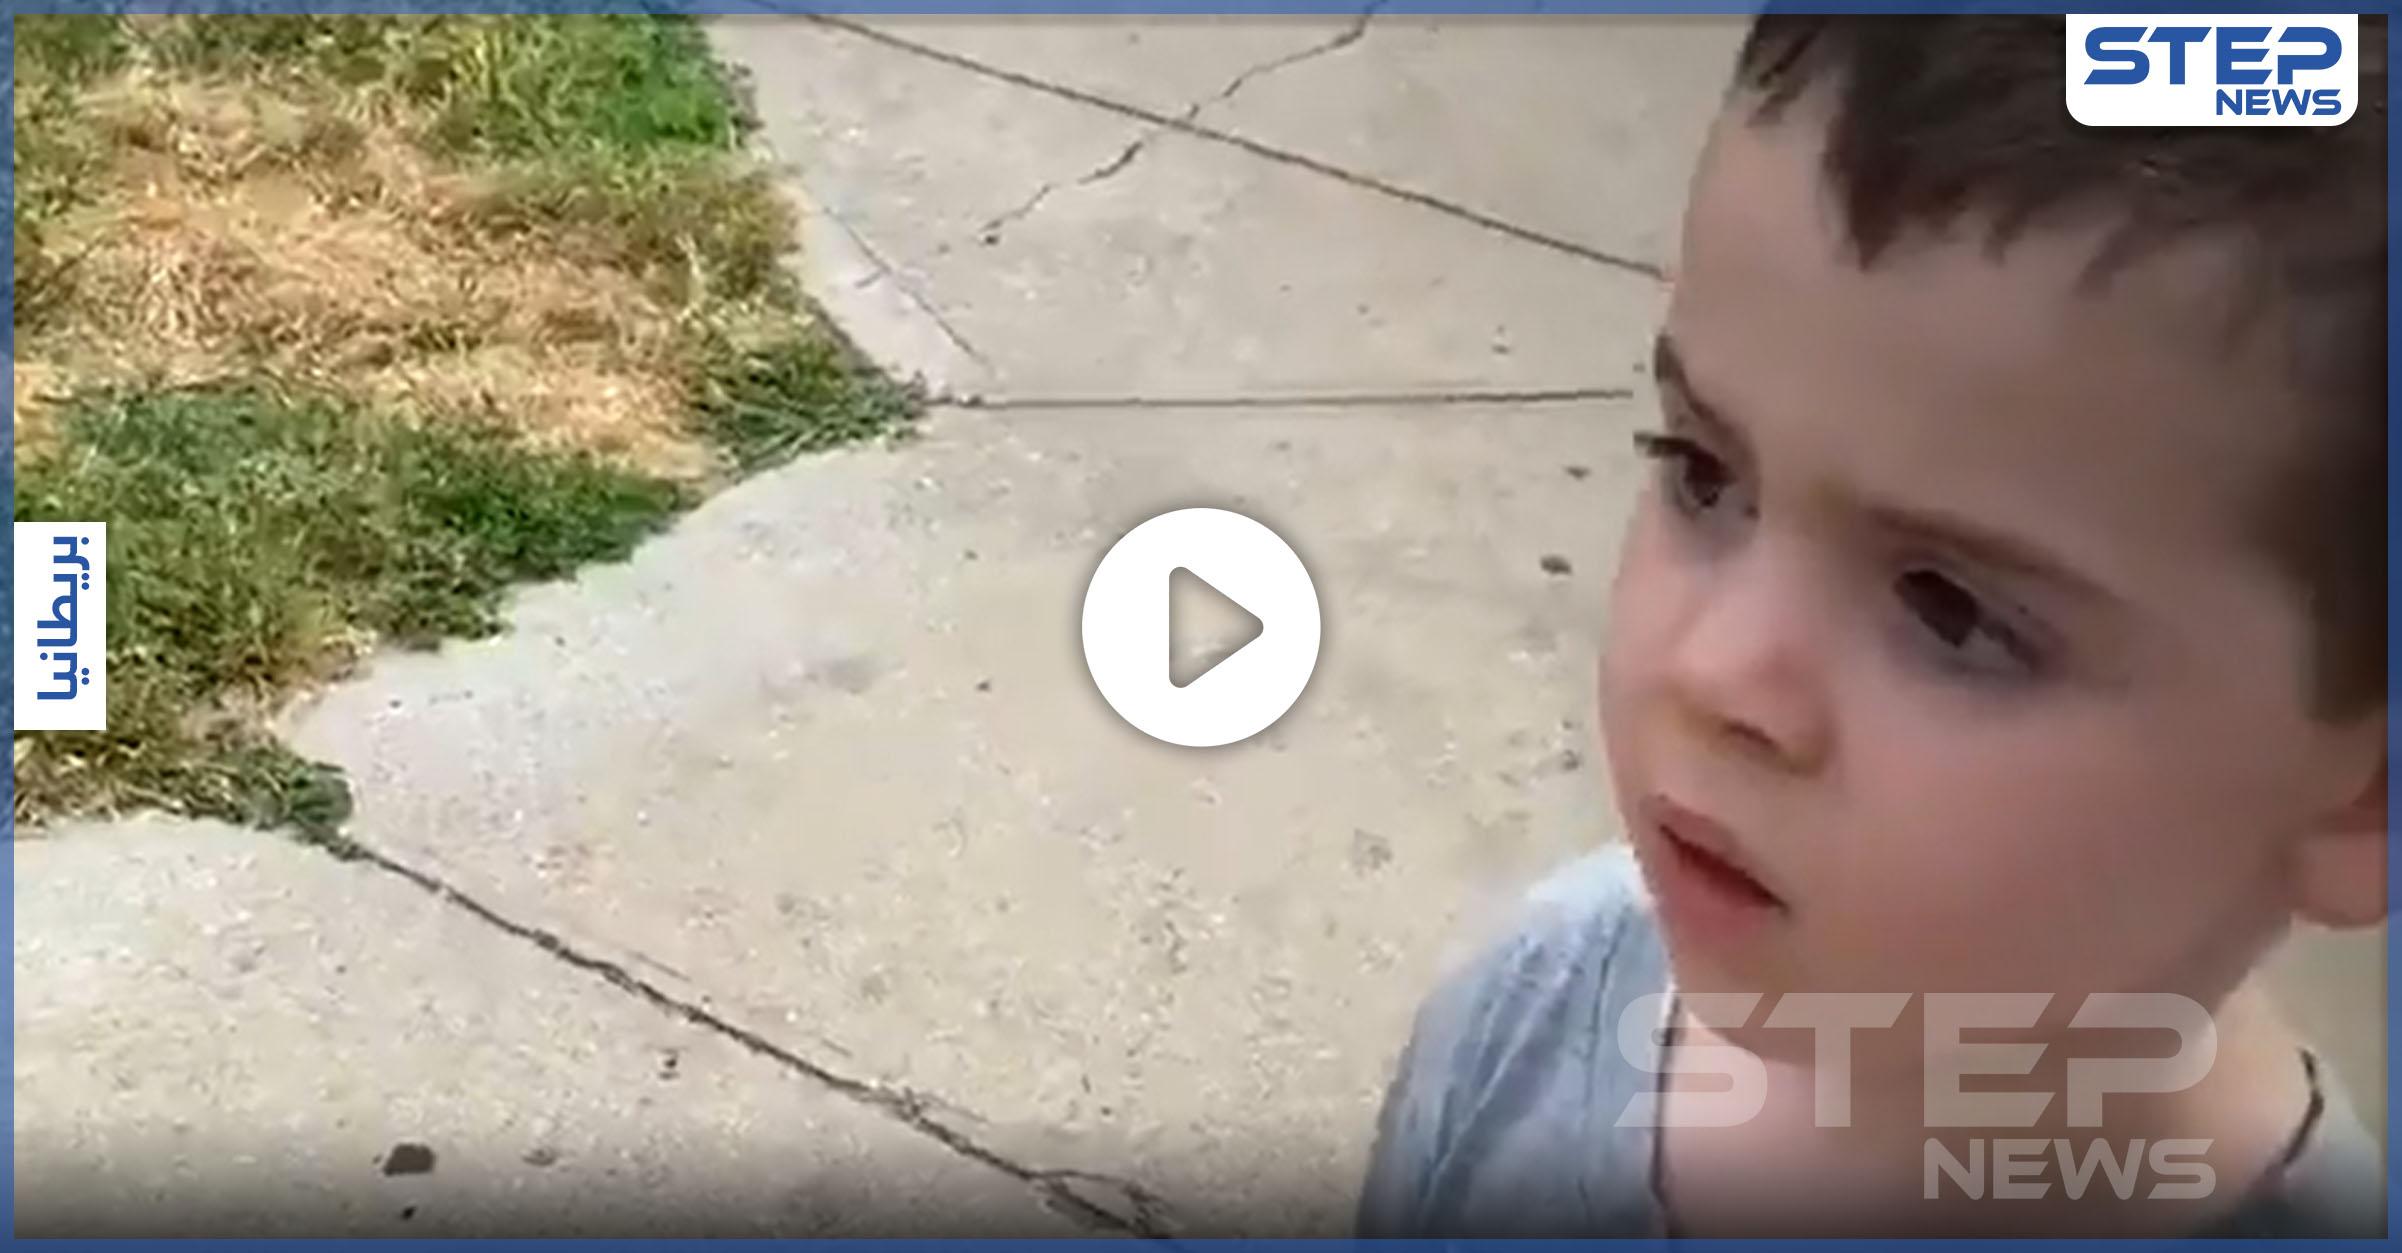 ردة فعل طريفة لطفل التقى صديقة المقرب بمفاجأة بعد غياب أشهر بسبب كورونا